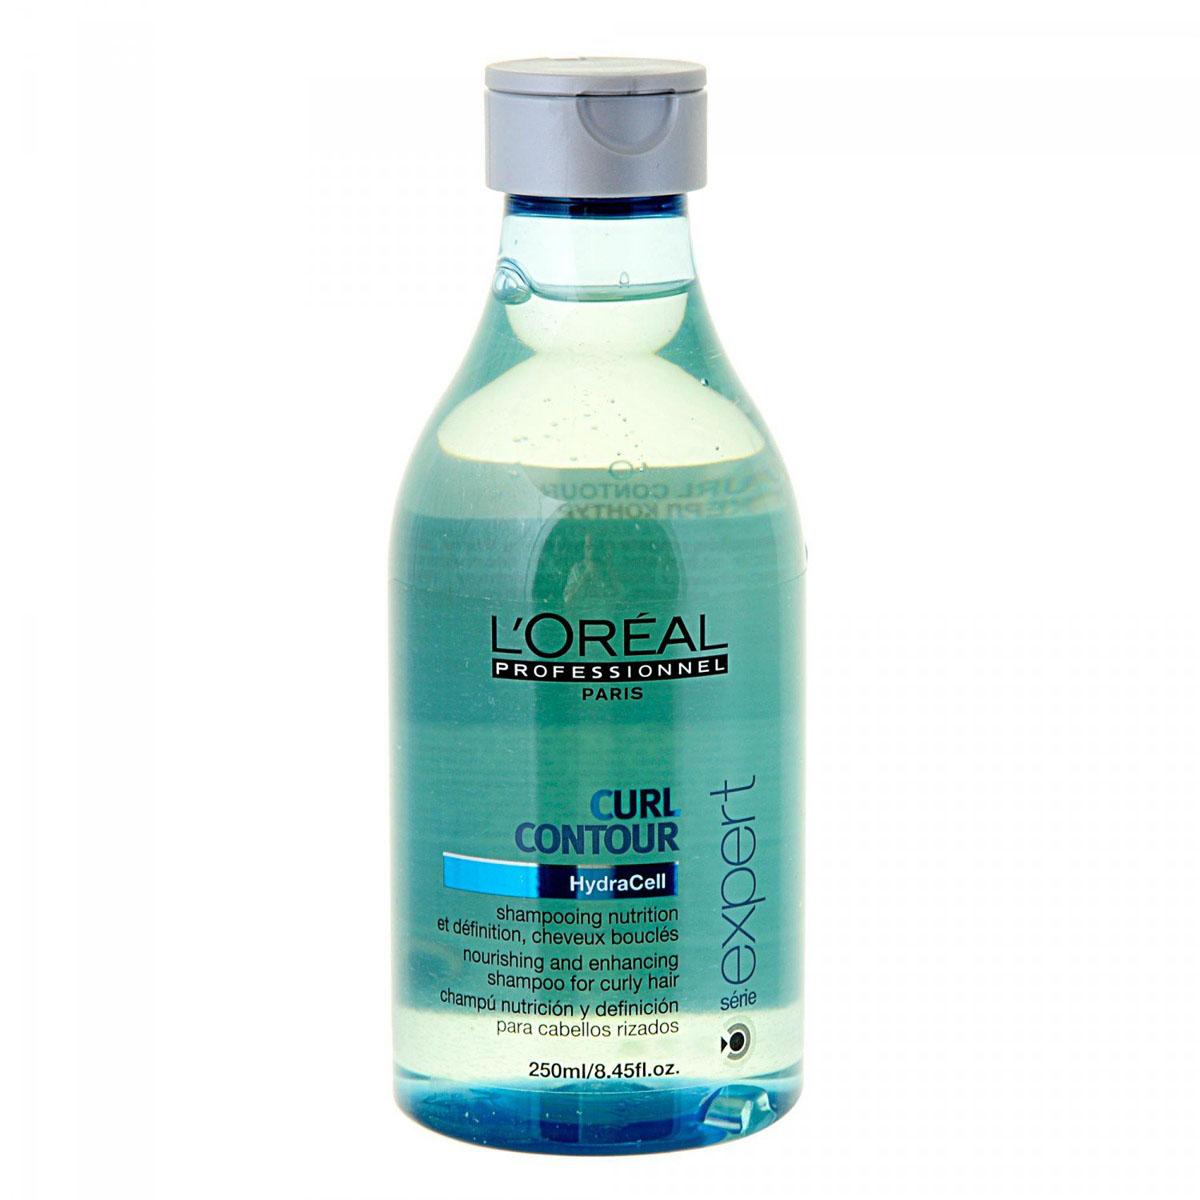 LOreal Professionnel Шампунь для четкости контура завитка для вьющихся волос Expert Curl Contour - 250 мл